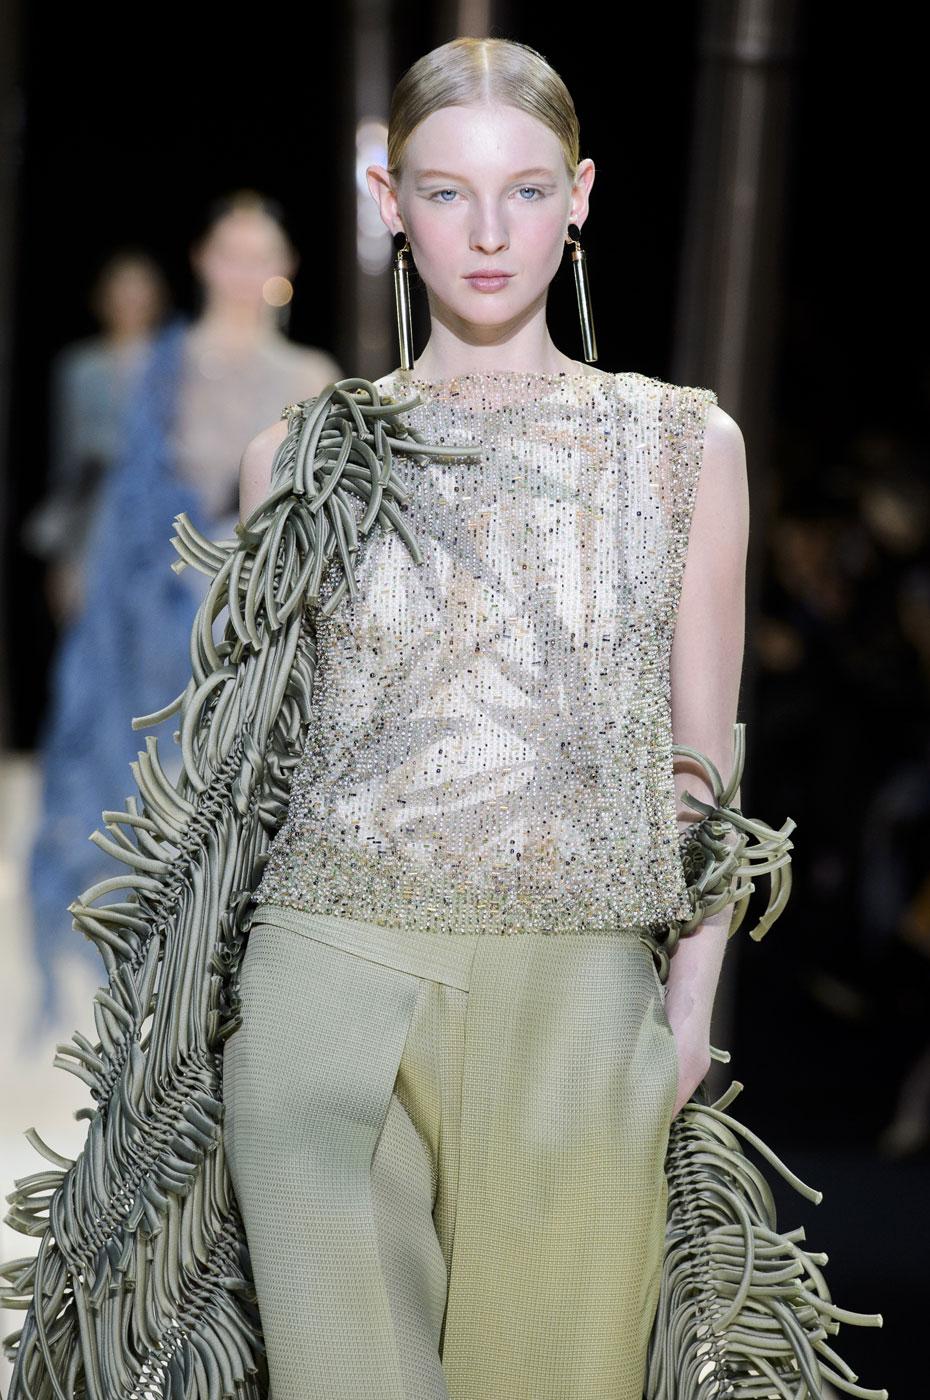 Giorgio-armani-Prive-fashion-runway-show-haute-couture-paris-spring-2015-the-impression-048